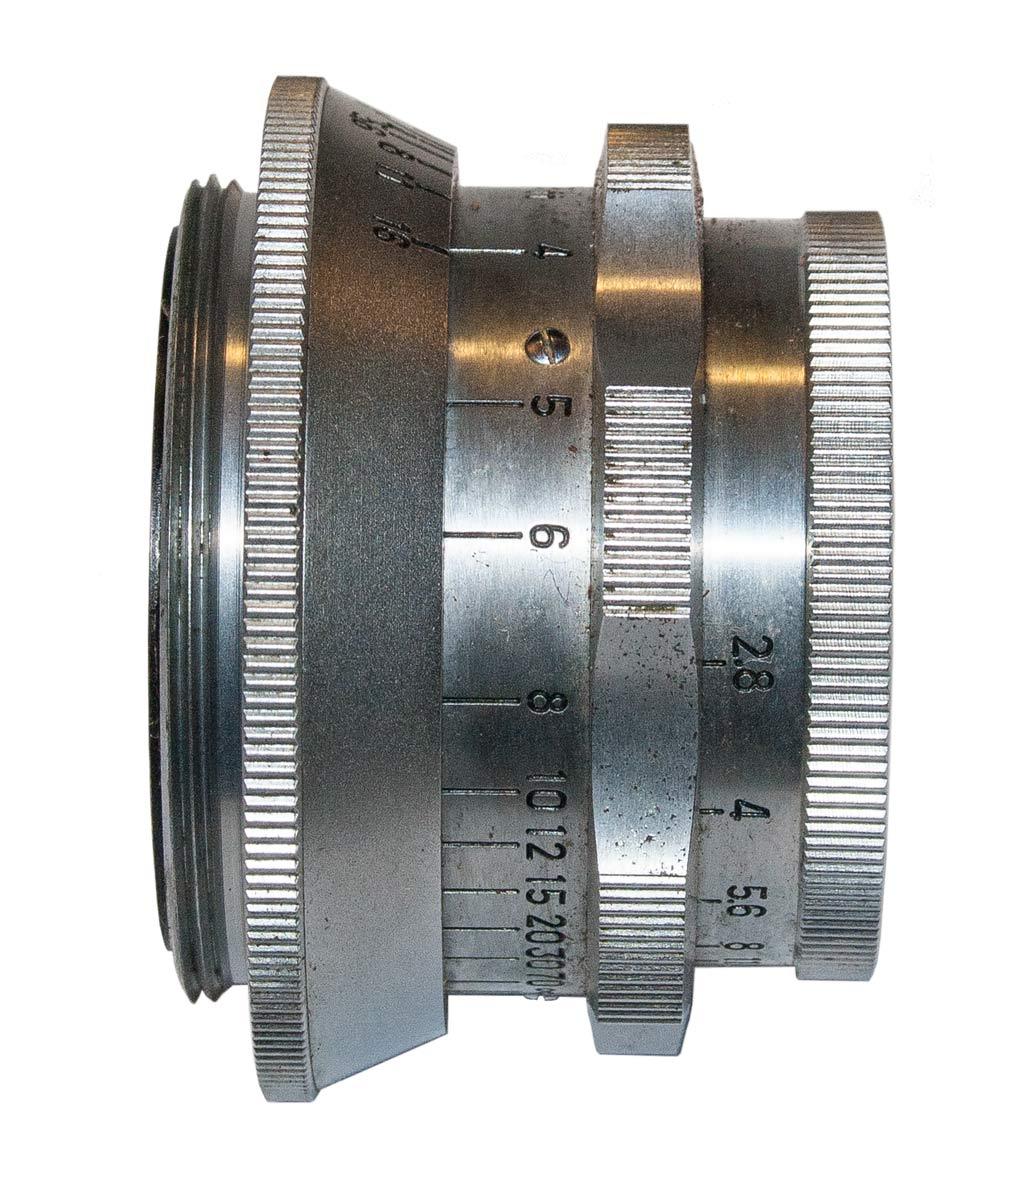 Super Rokkor 45mm f/2.8